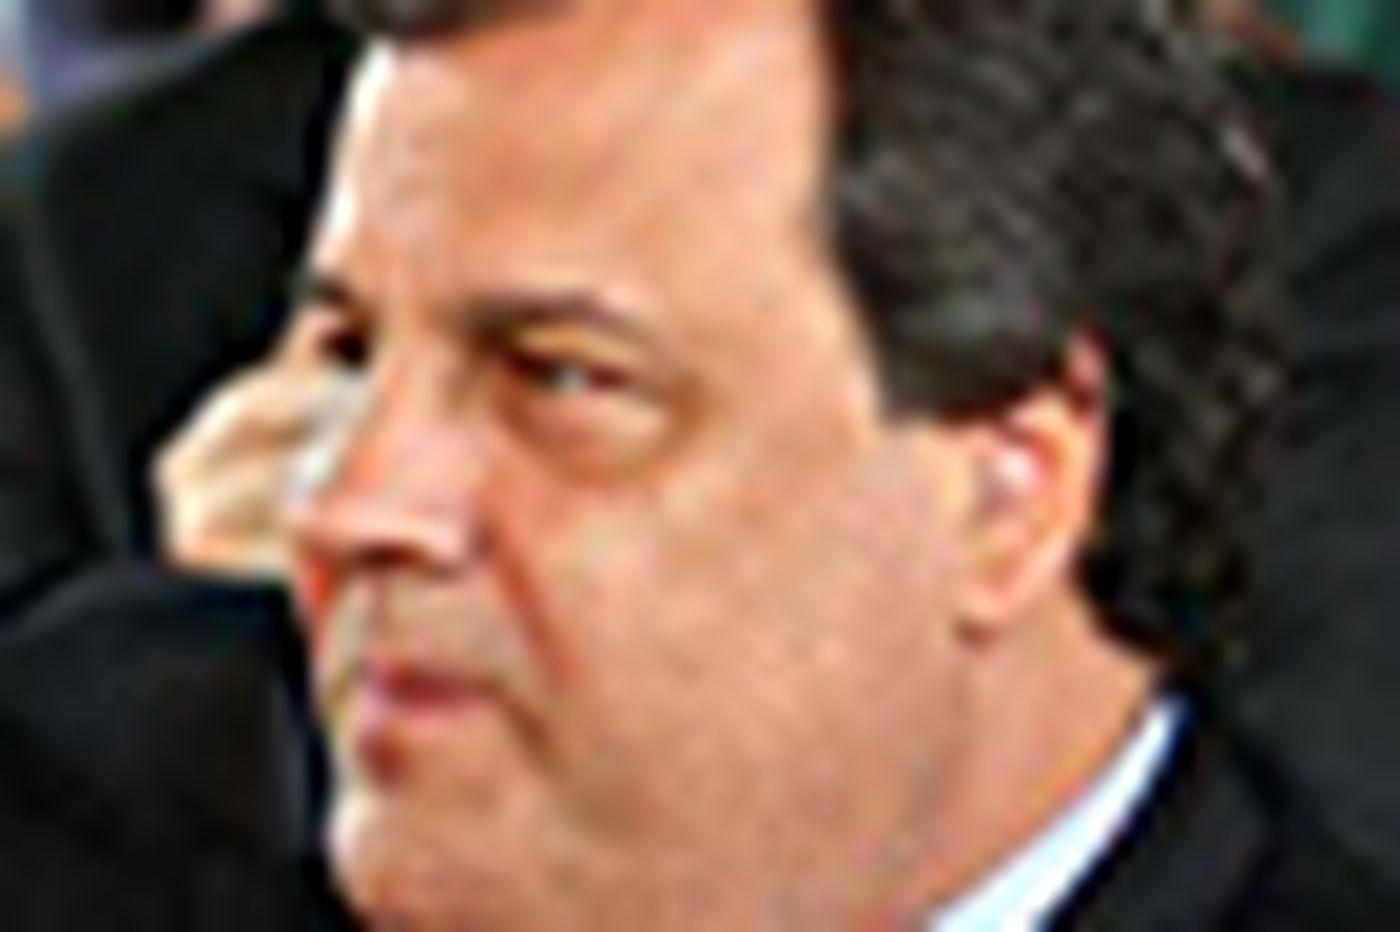 Christie lambastes paid union leave, then OKs deal that includes it